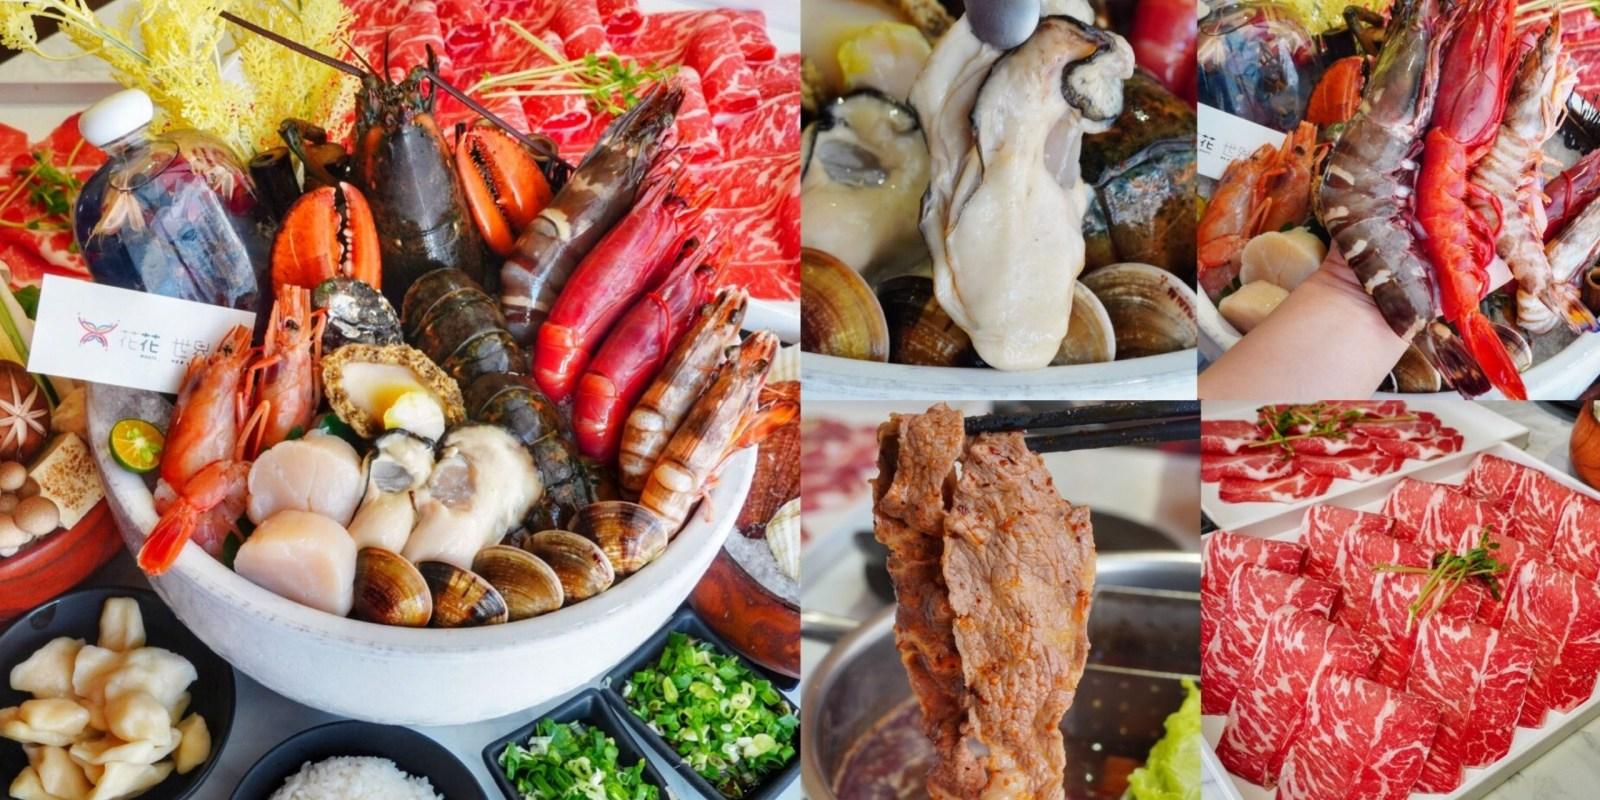 【台南浮誇系火鍋店】超強海陸套餐在這裡「花花世界鍋物」海鮮拼盤霸氣滿滿 白飯/飲料無限量供應 台南聚餐 情人約會